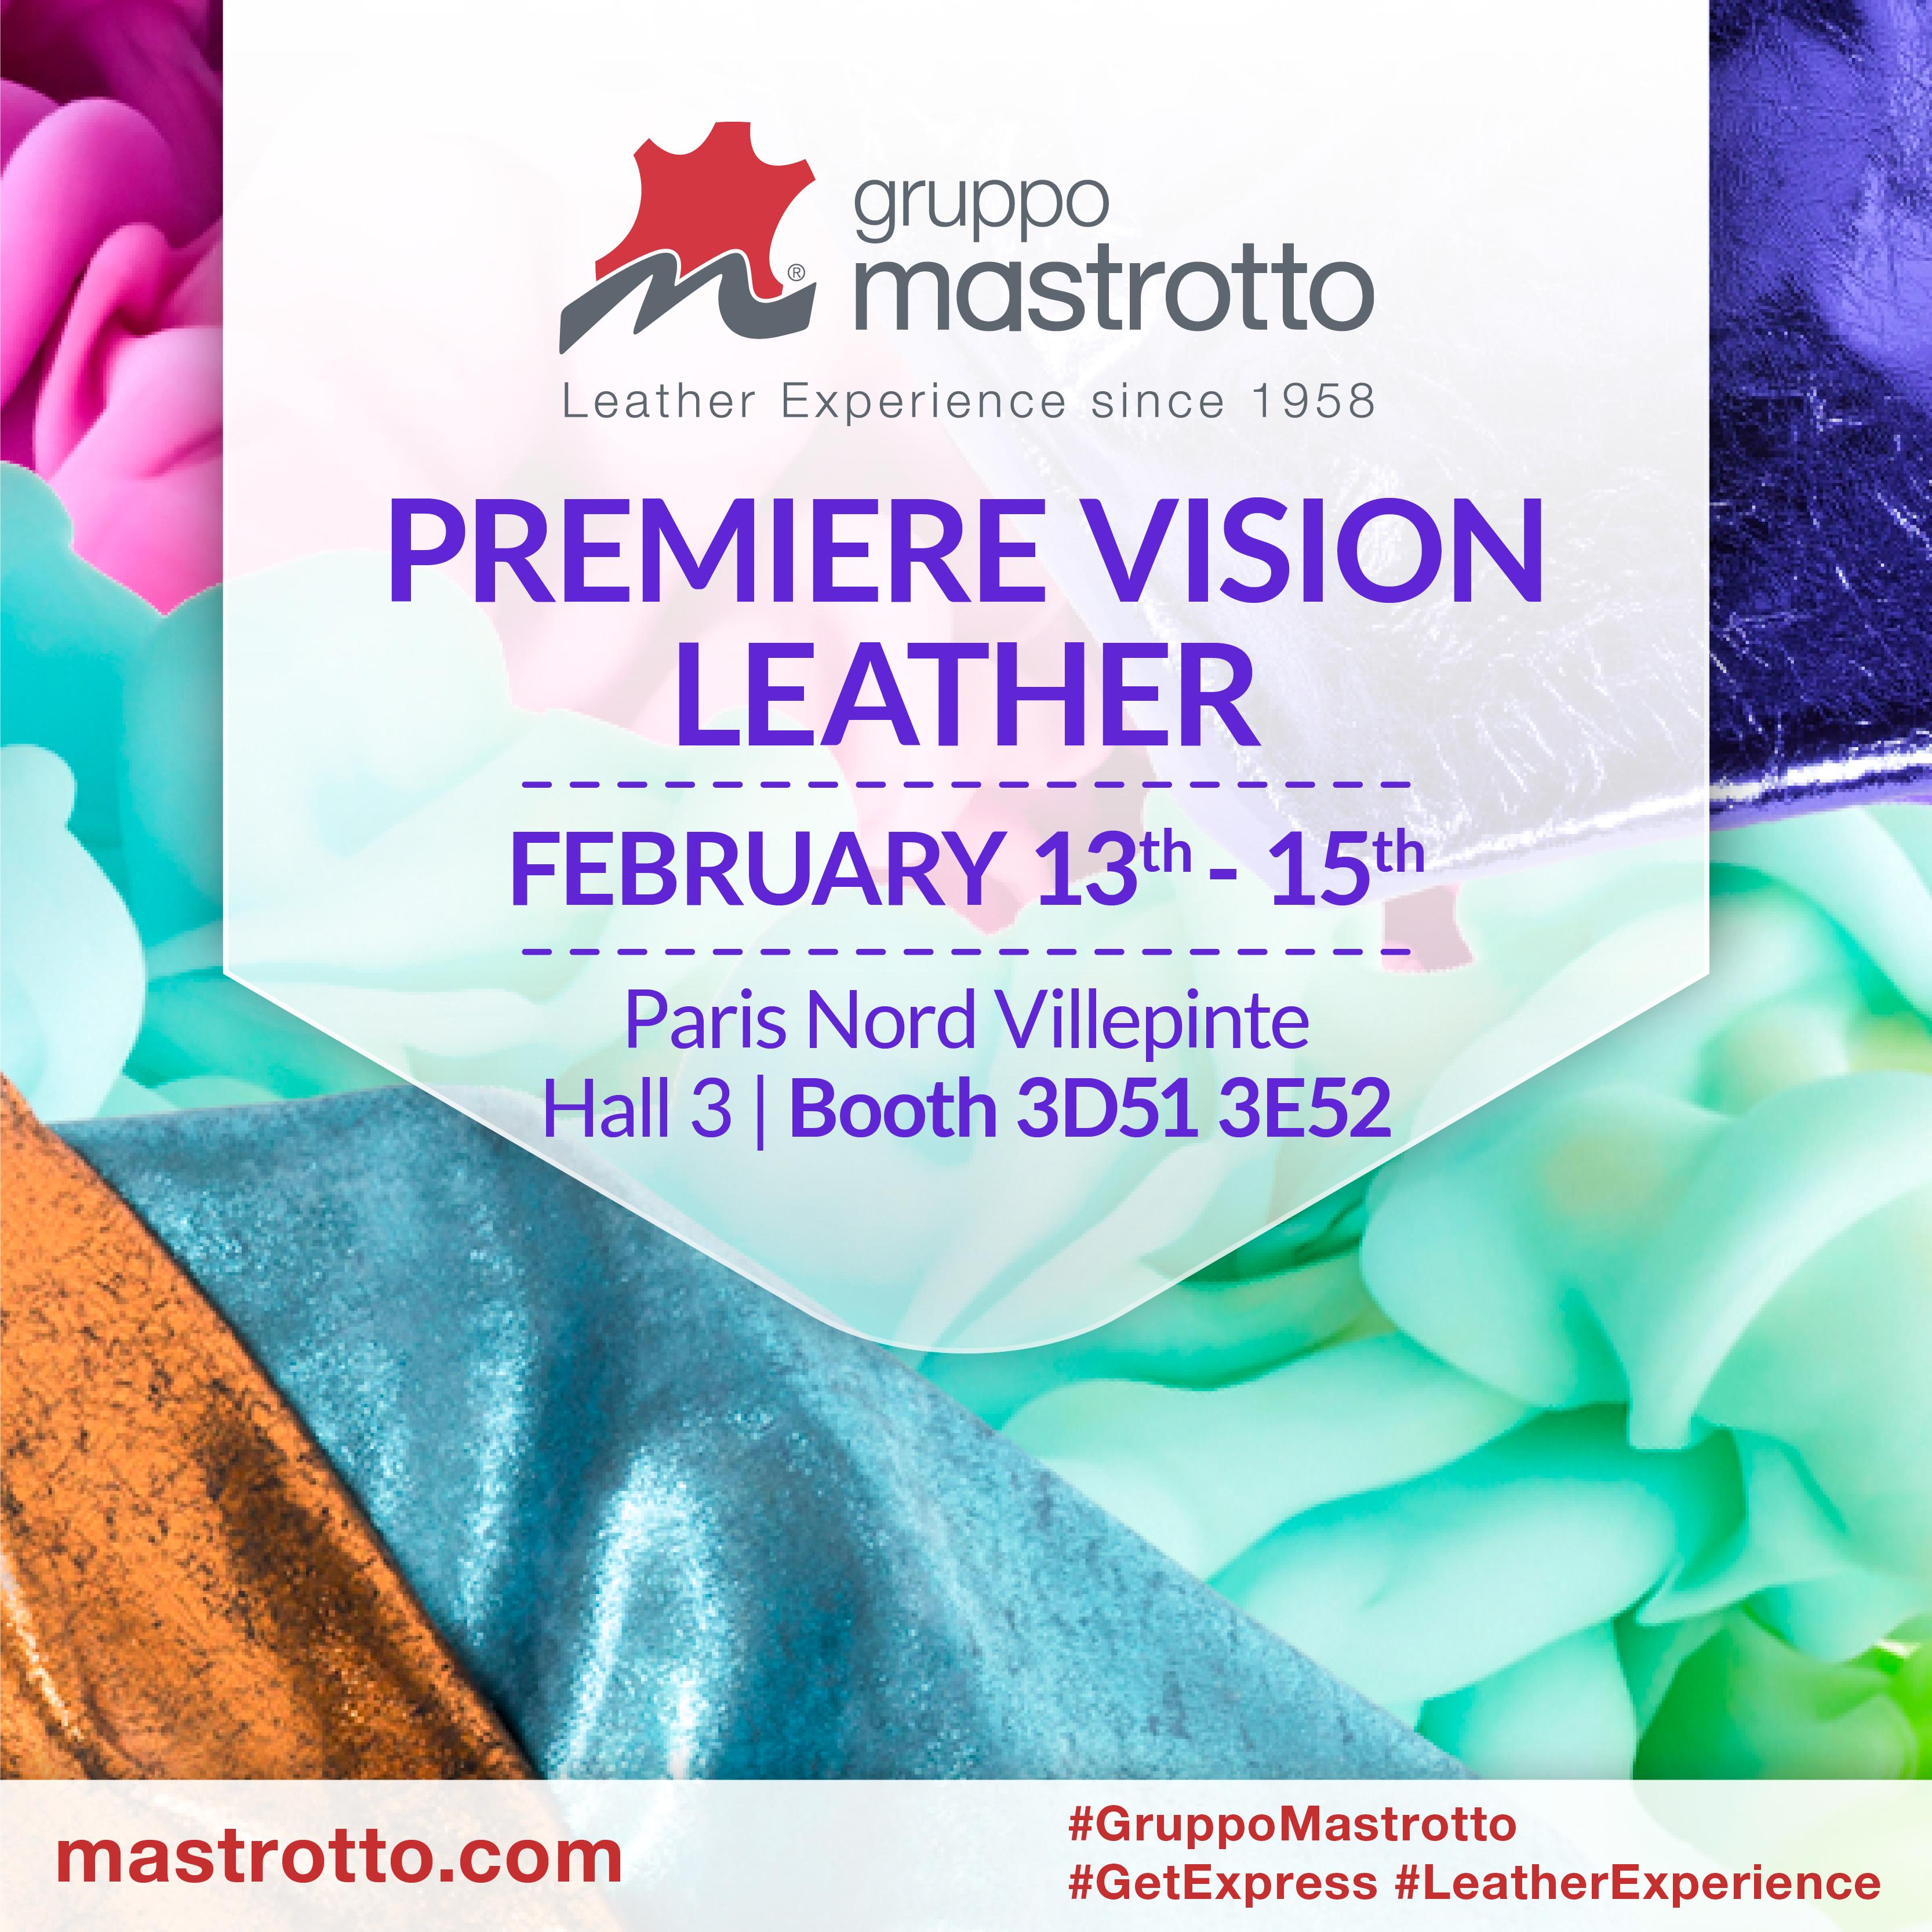 Gruppo Mastrotto Premiere Vision 2018